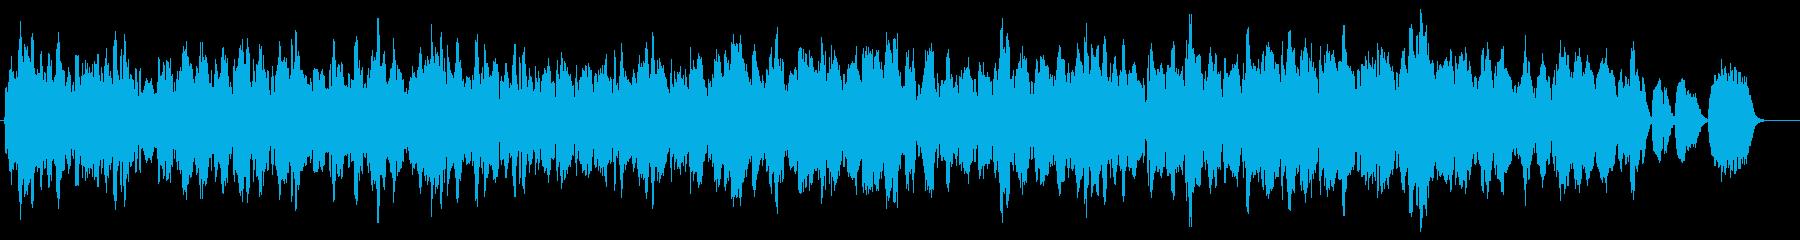 牧歌的な弦楽奏デュオです。の再生済みの波形